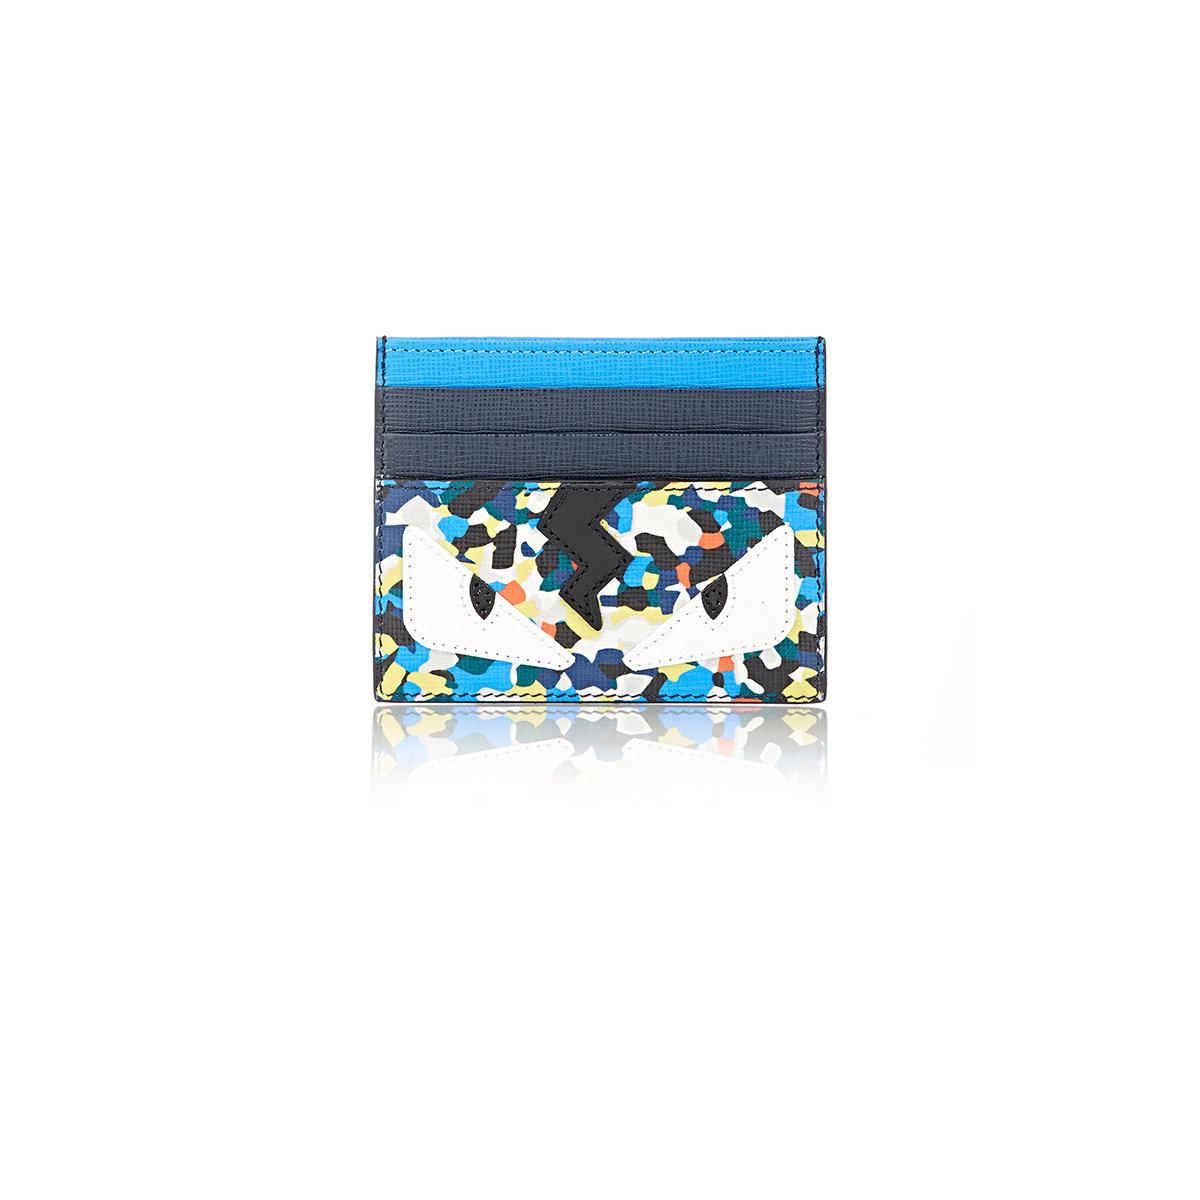 brand new 6c902 6b7f2 Fendi Multicolor Buggies Card Case